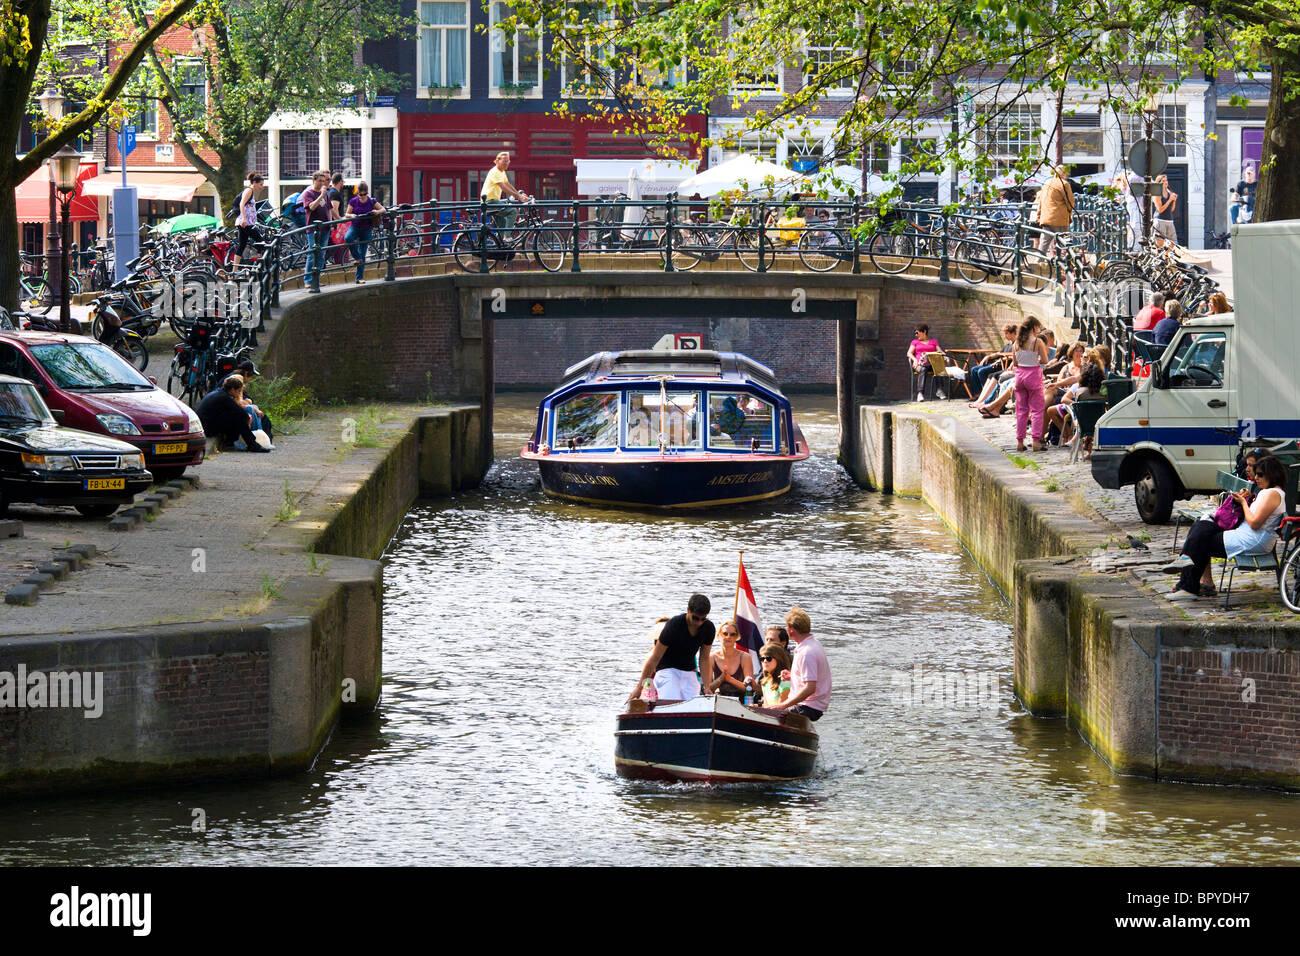 Amsterdam. Bateau de croisière du canal et dans le petit sloop Leliegracht Canal avec des terrasses de cafés. Les touristes assis et regarder. Banque D'Images